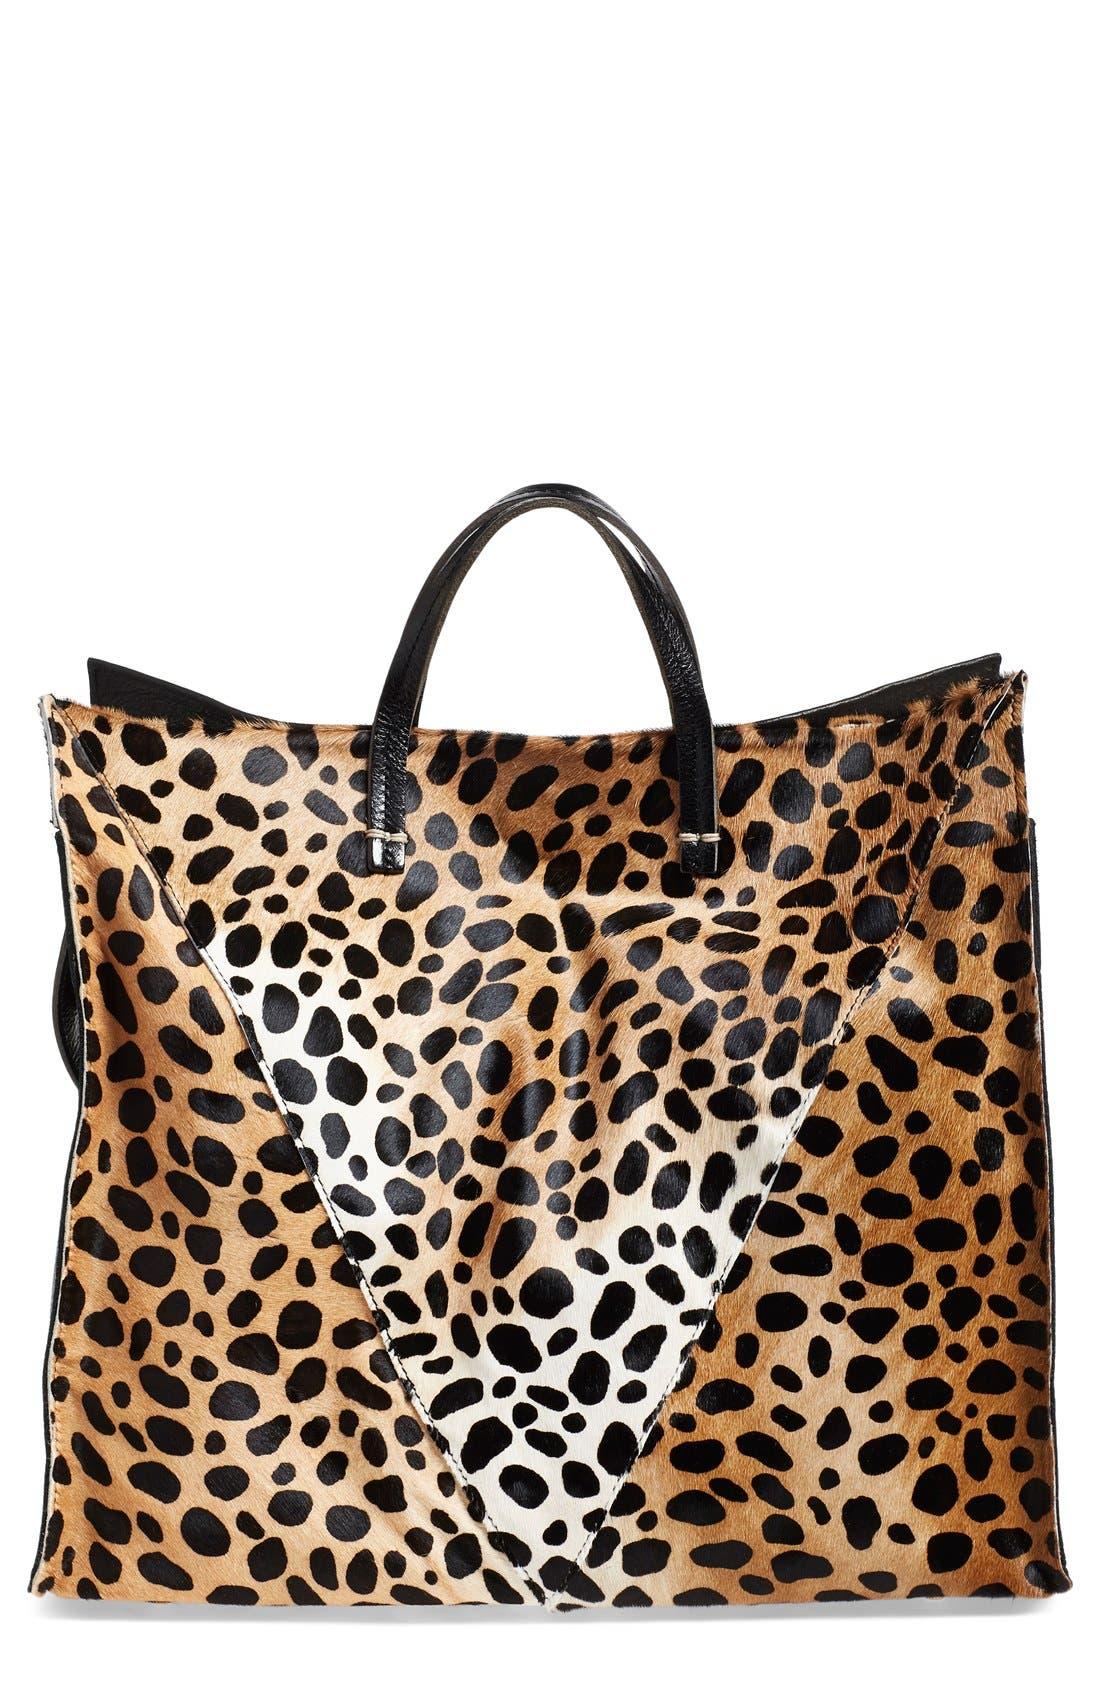 Clare V. Genuine Calf Hair Cheetah Print Tote